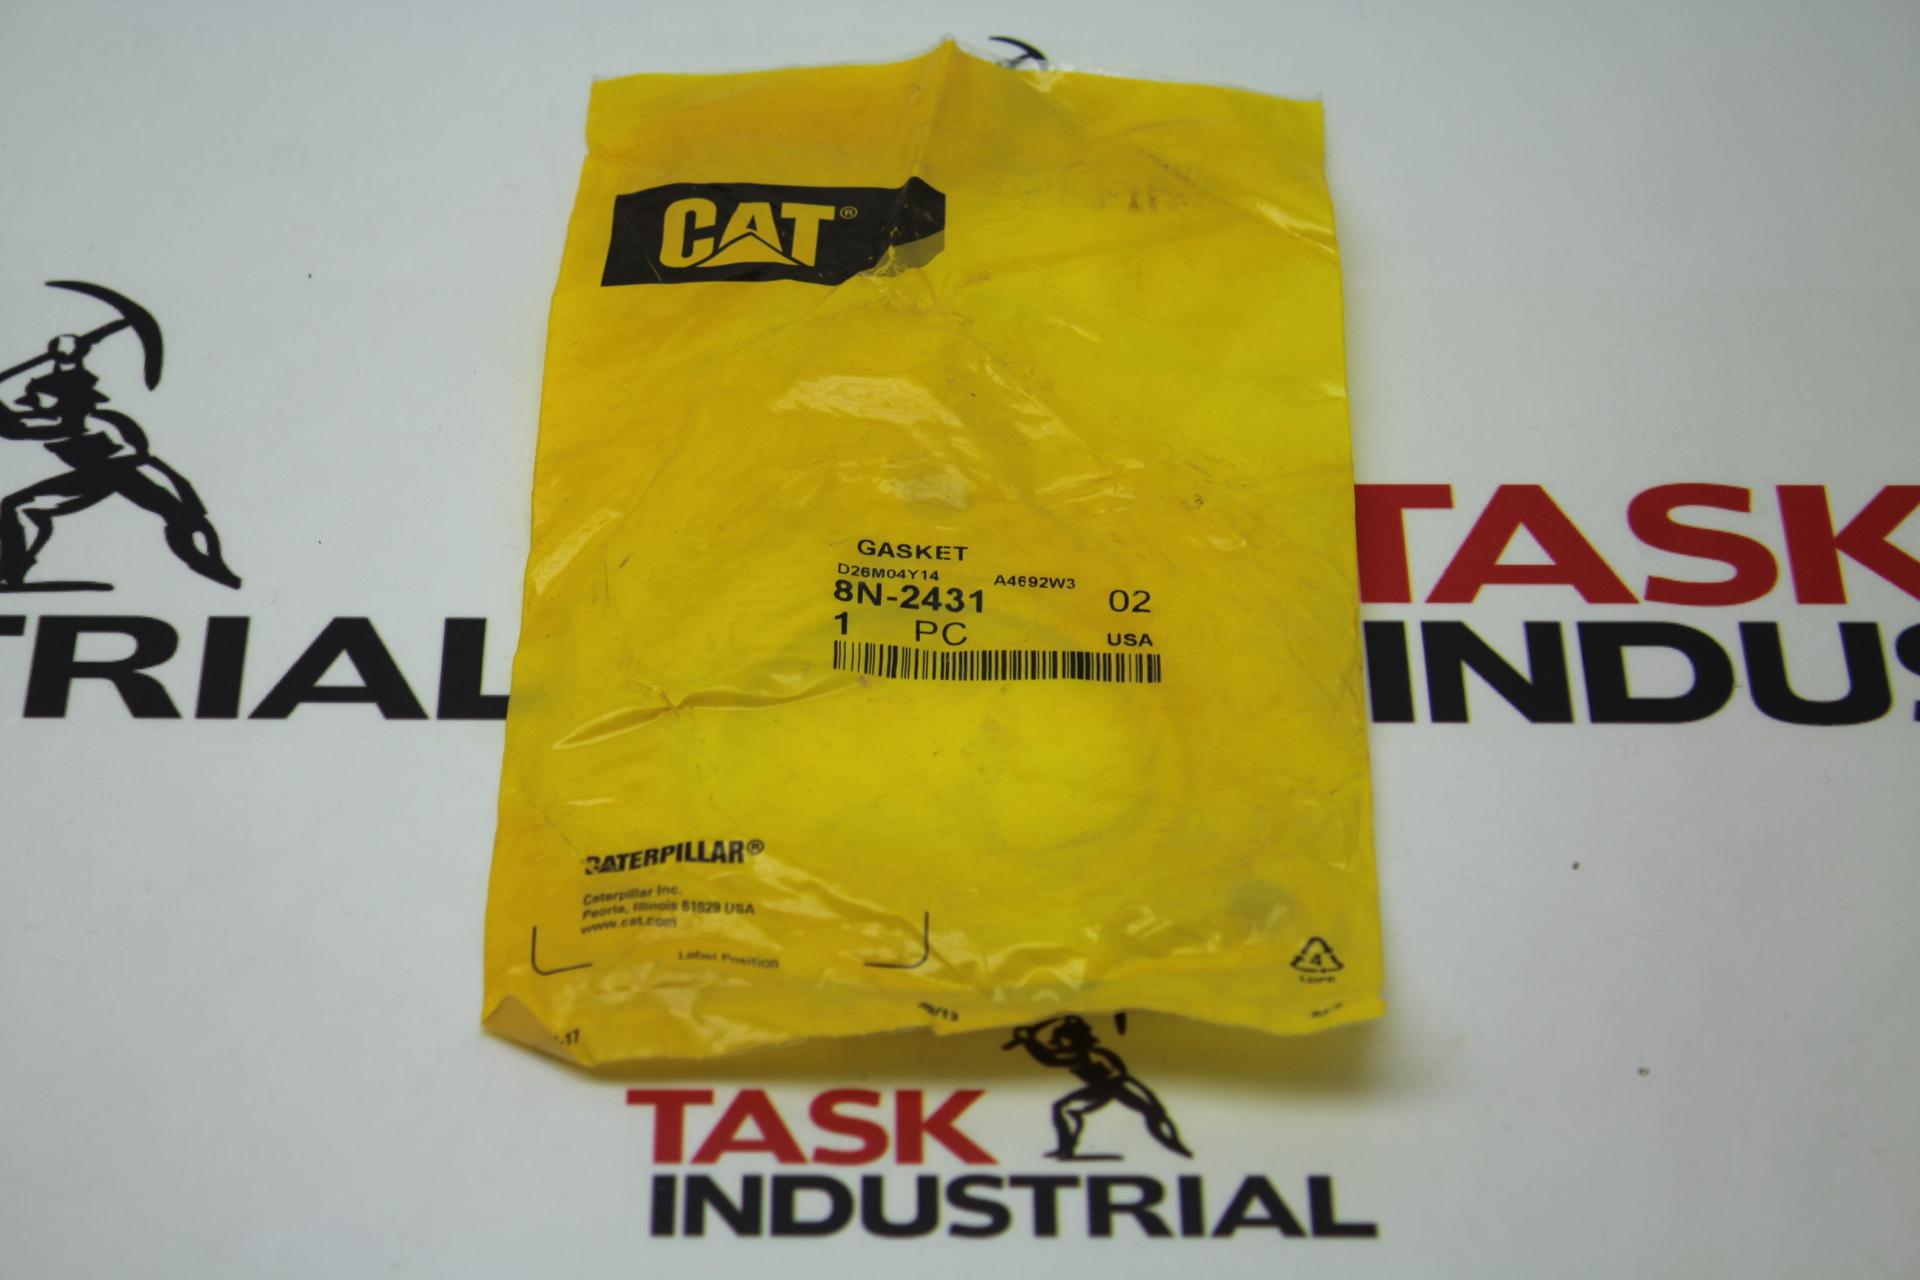 Caterpillar Gasket 8N-2431